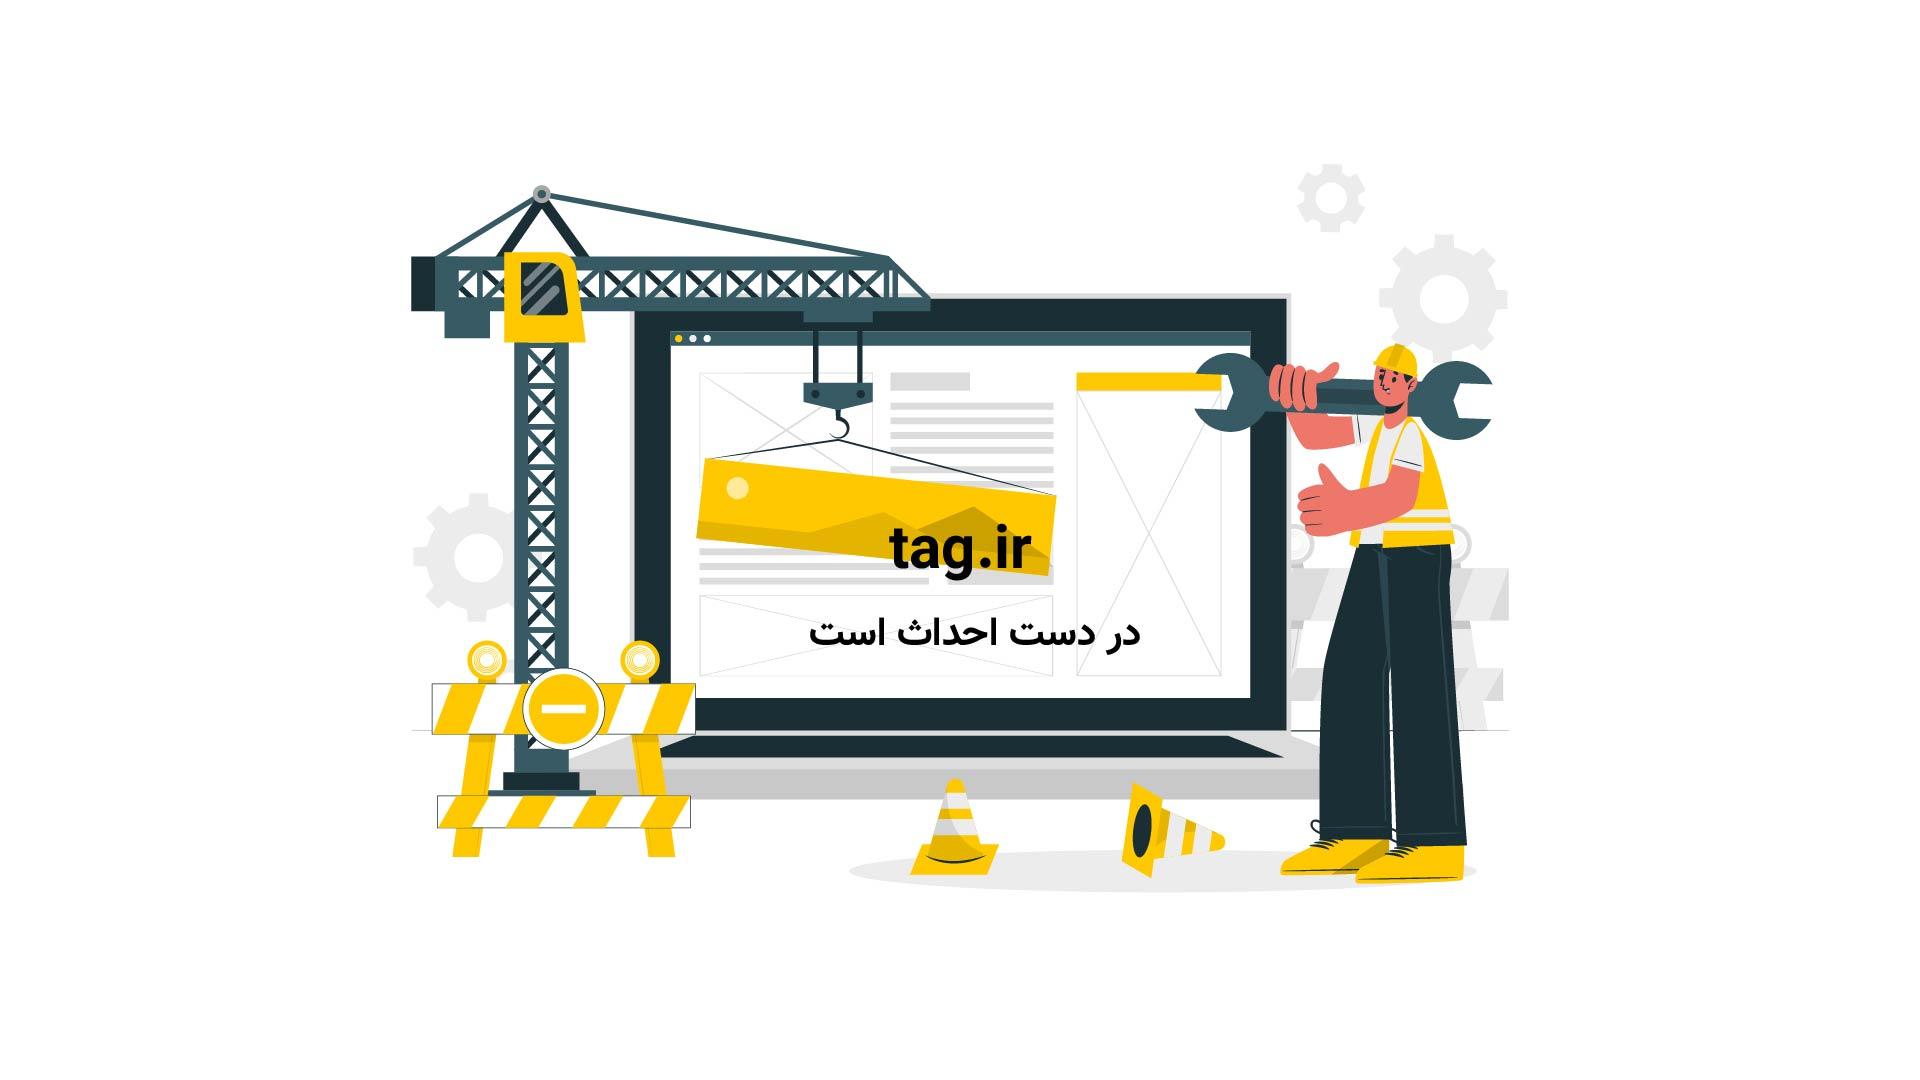 کلیسای بوستون در اعتراض به ترامپ